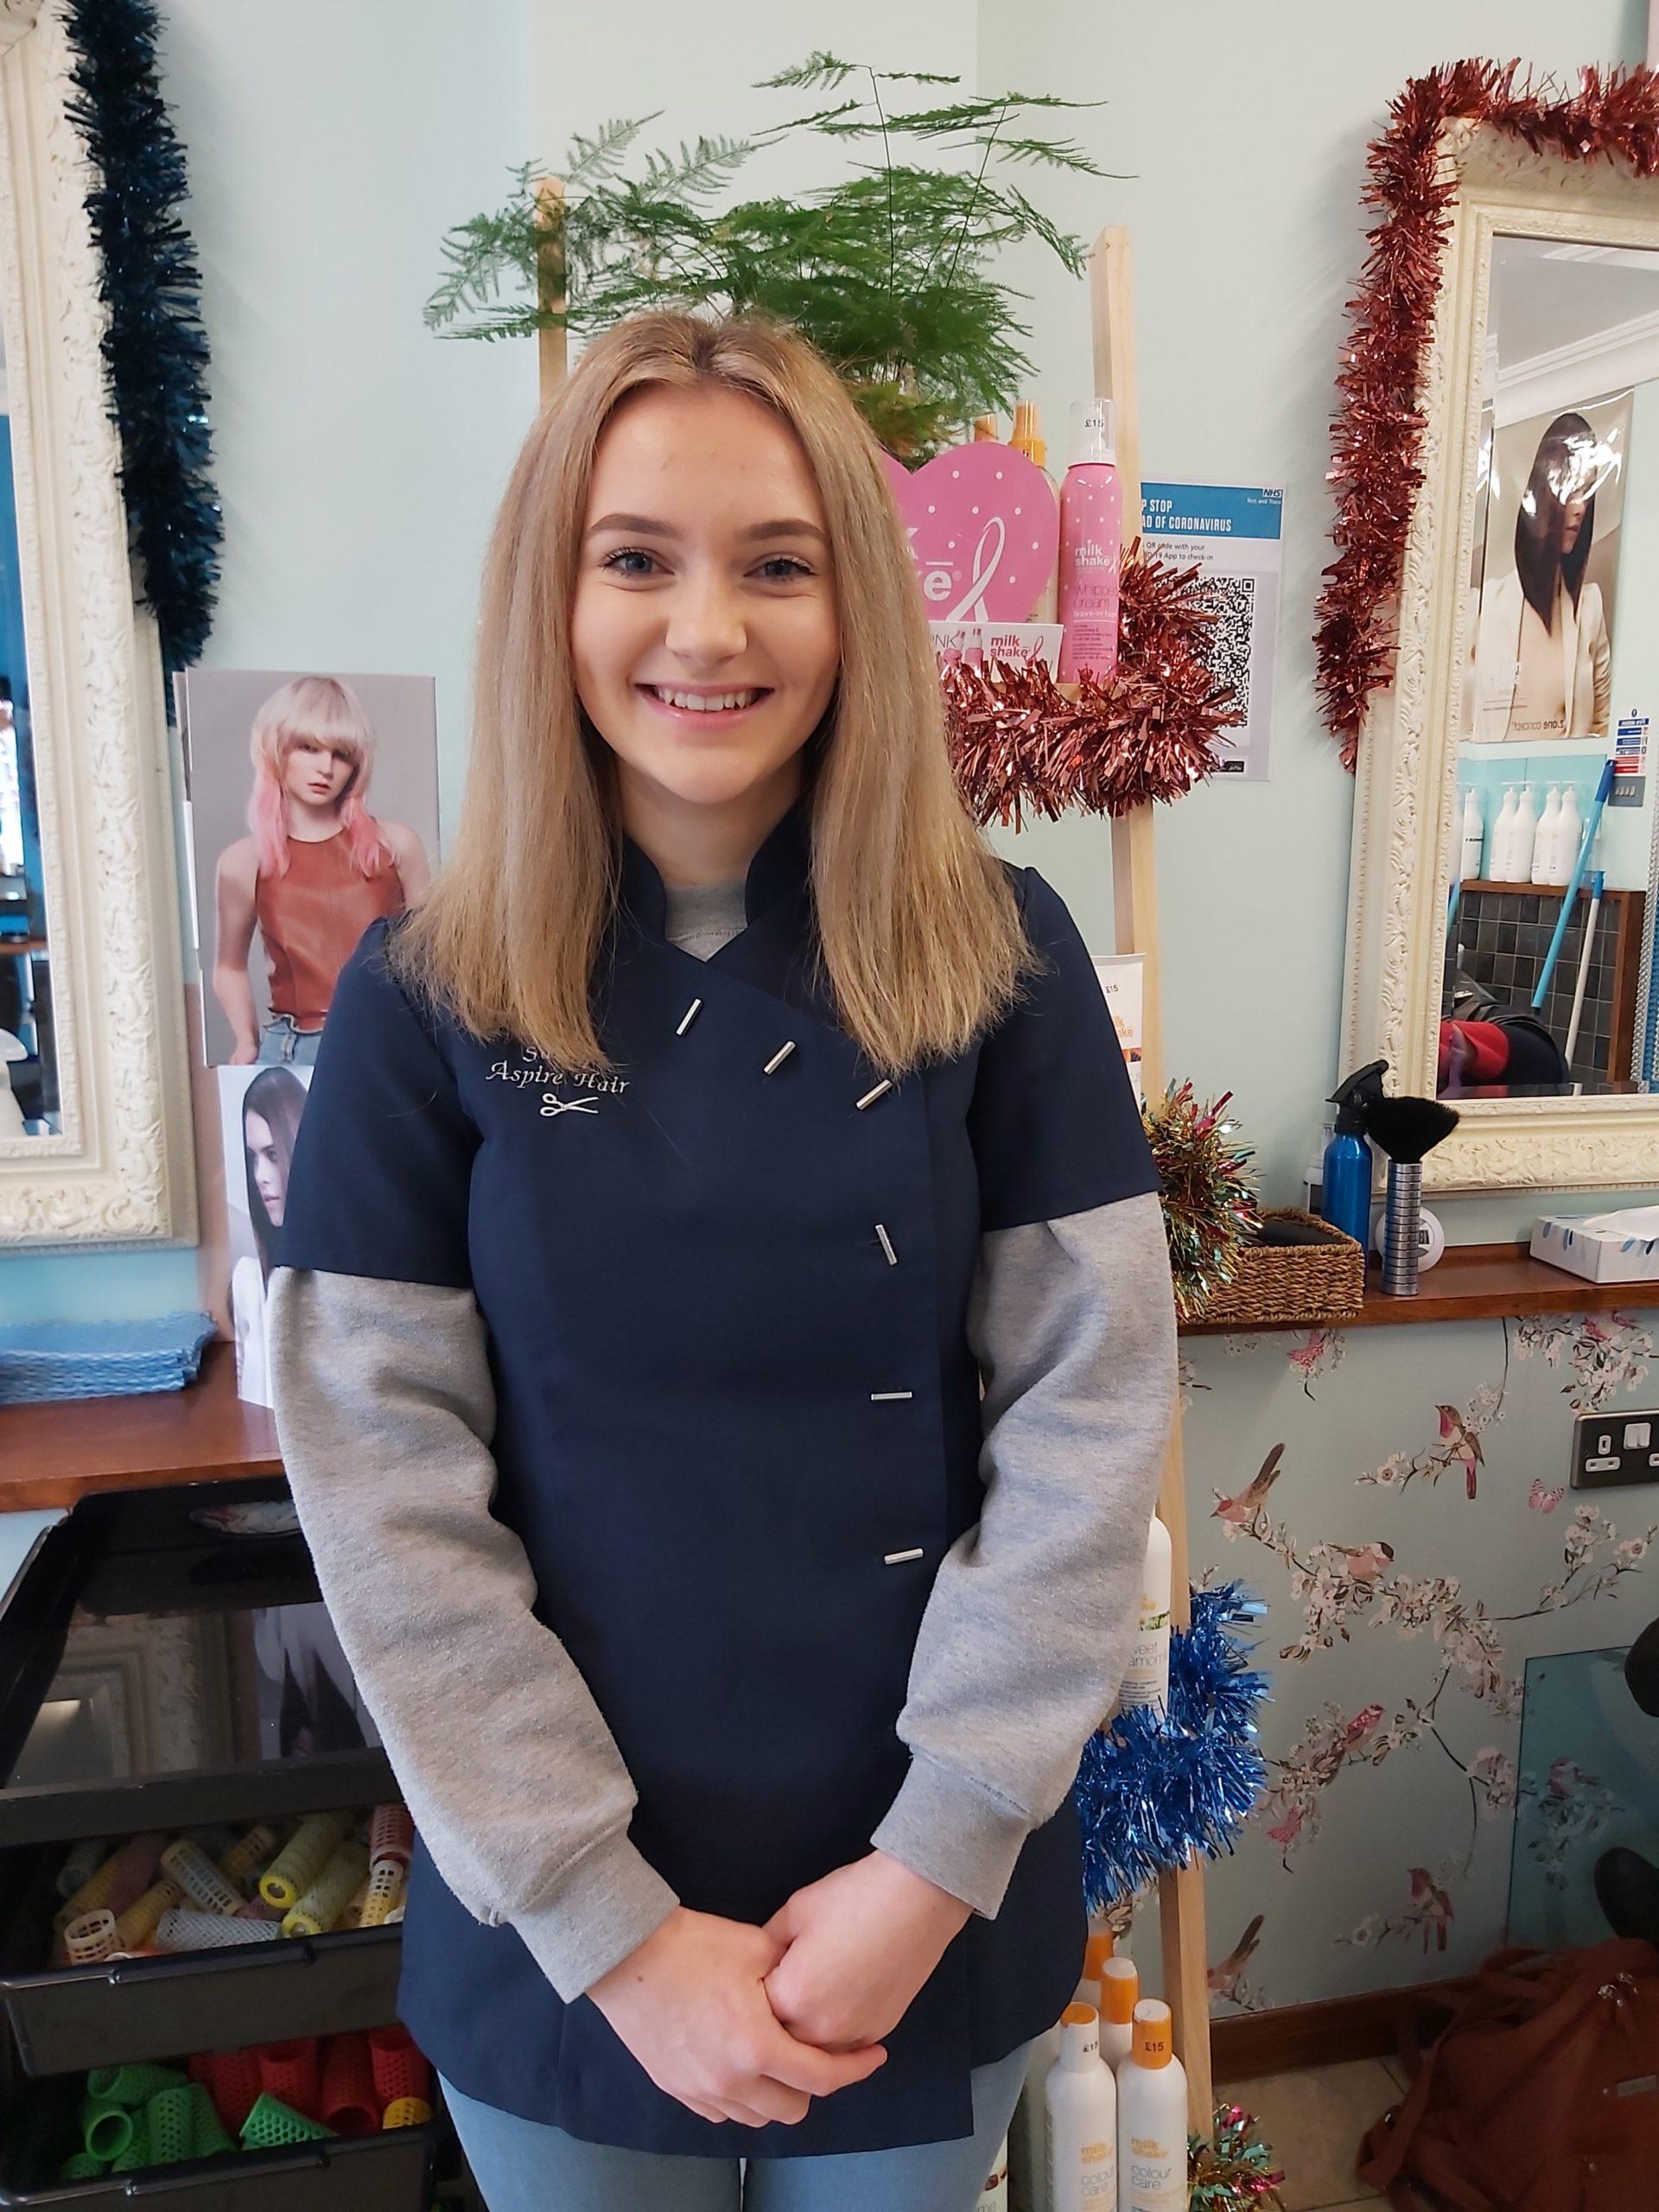 sasha- aspire hair salon staff